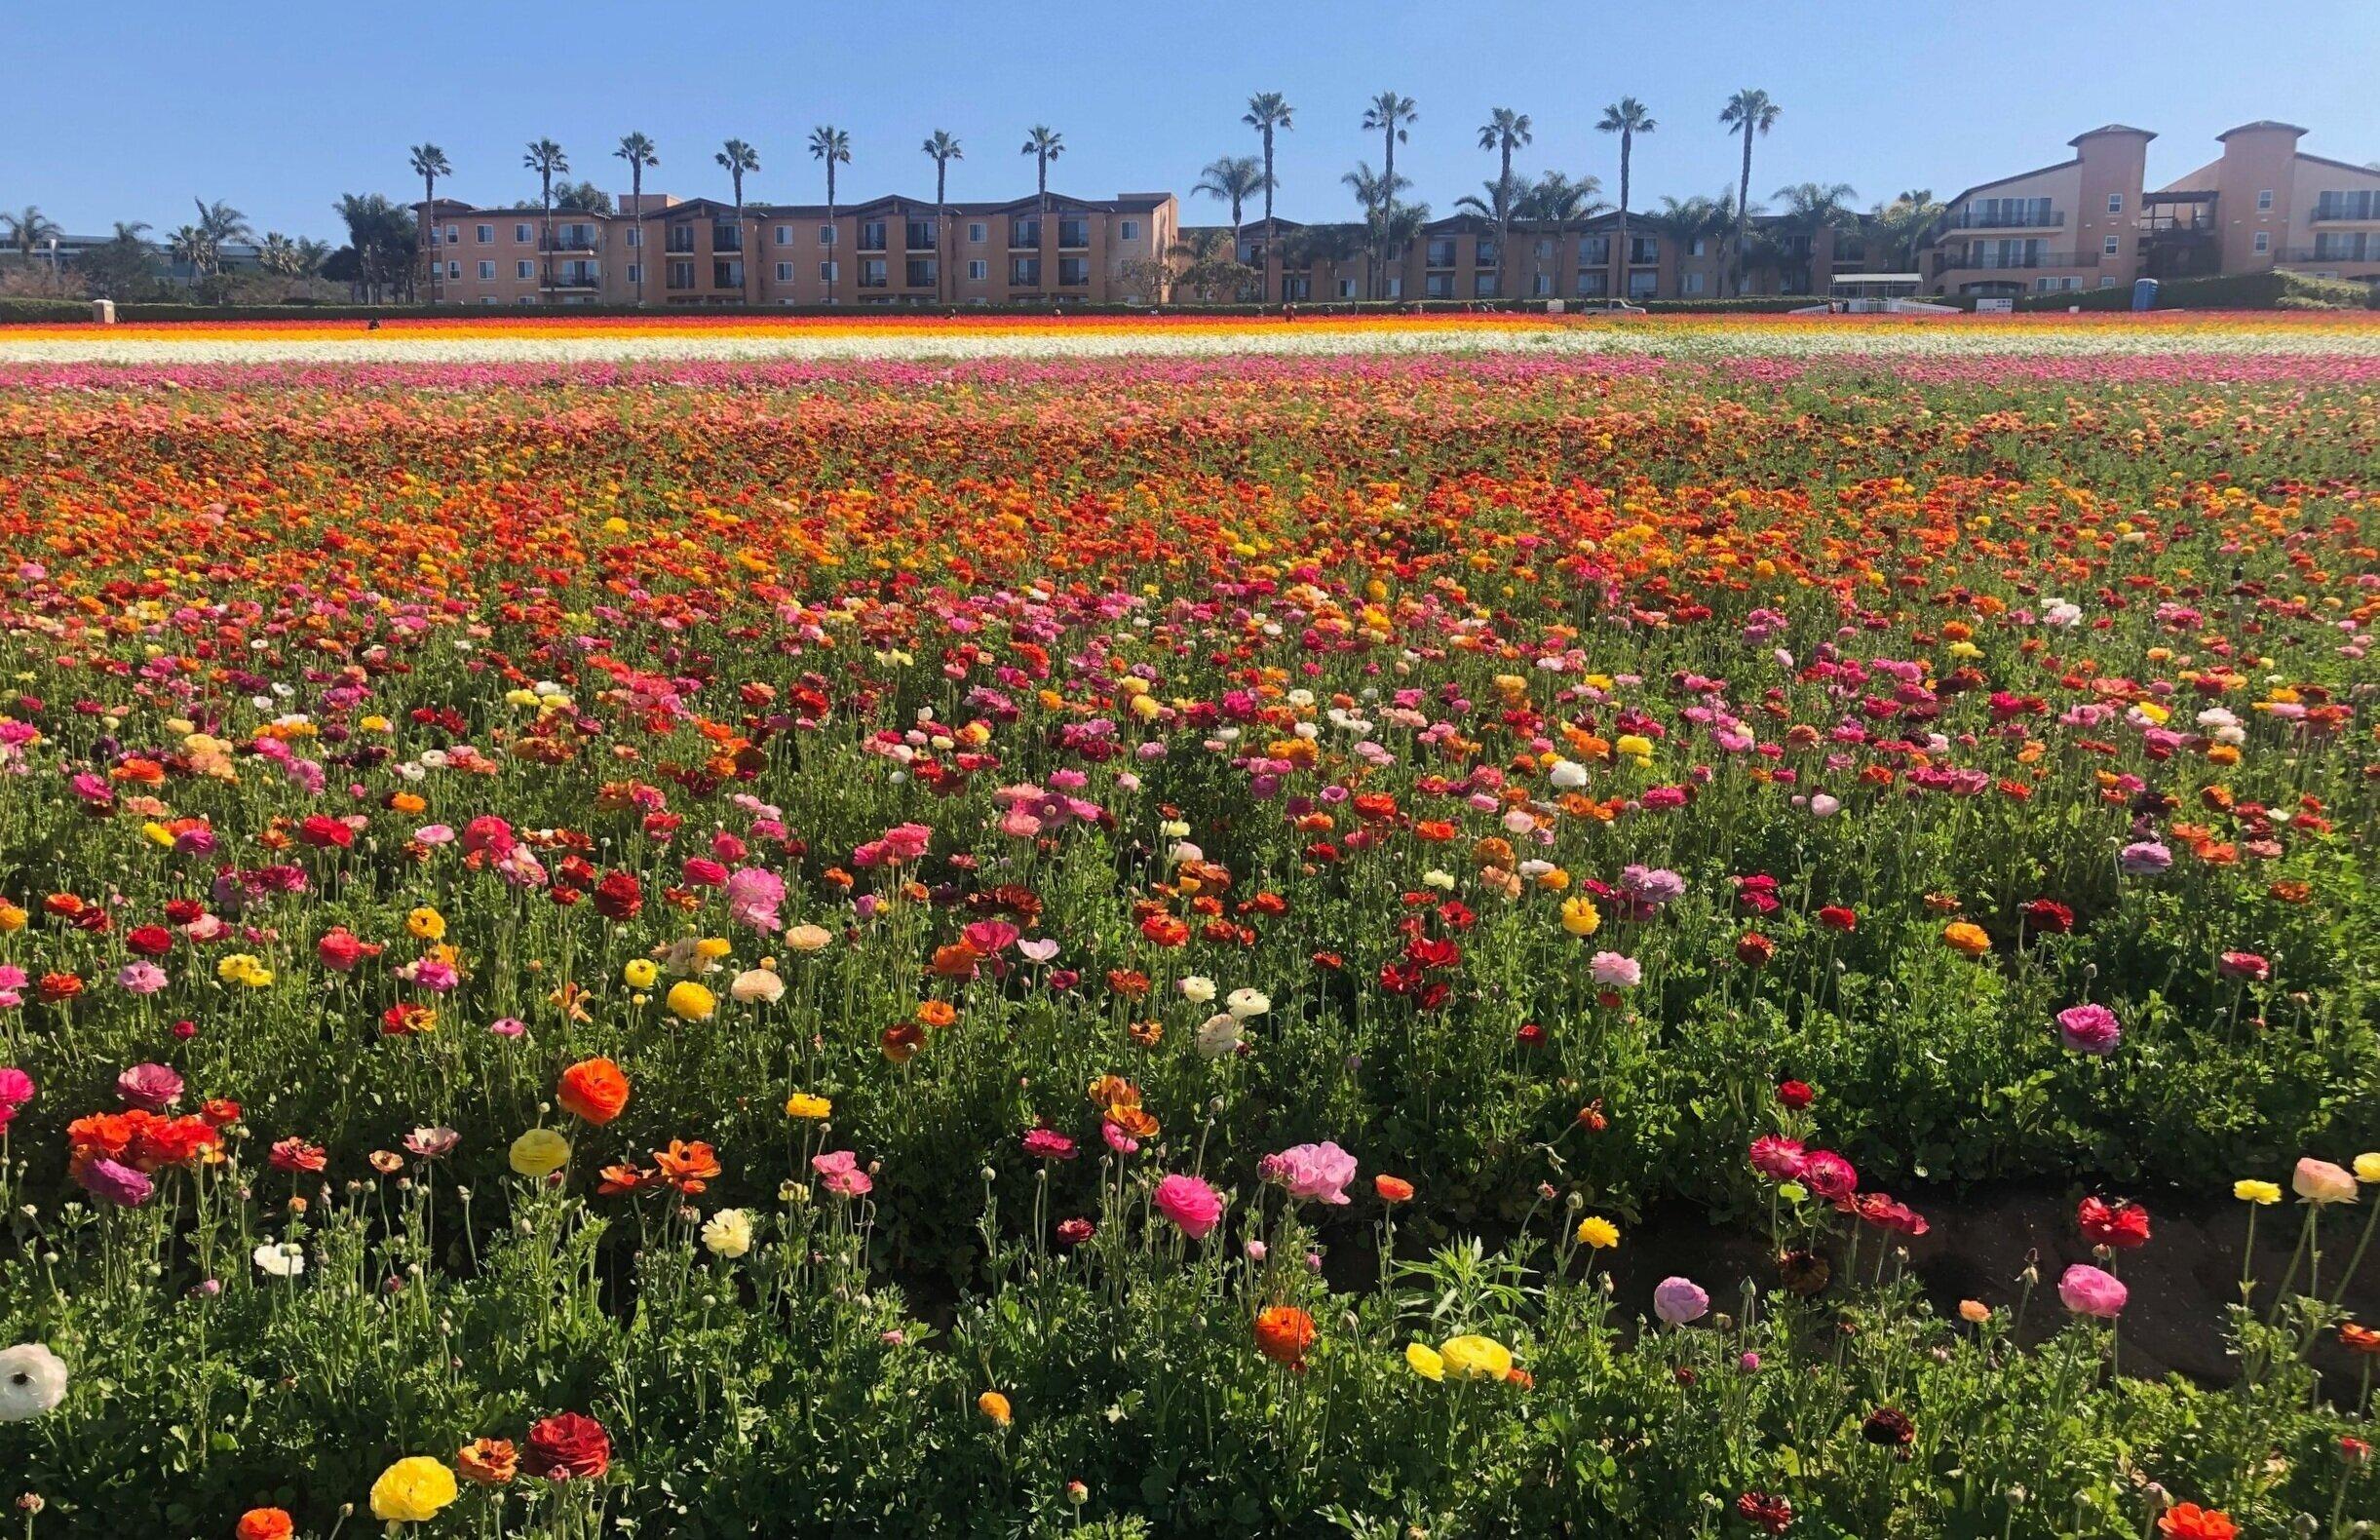 carlsbad_ranch_flower_field.jpg